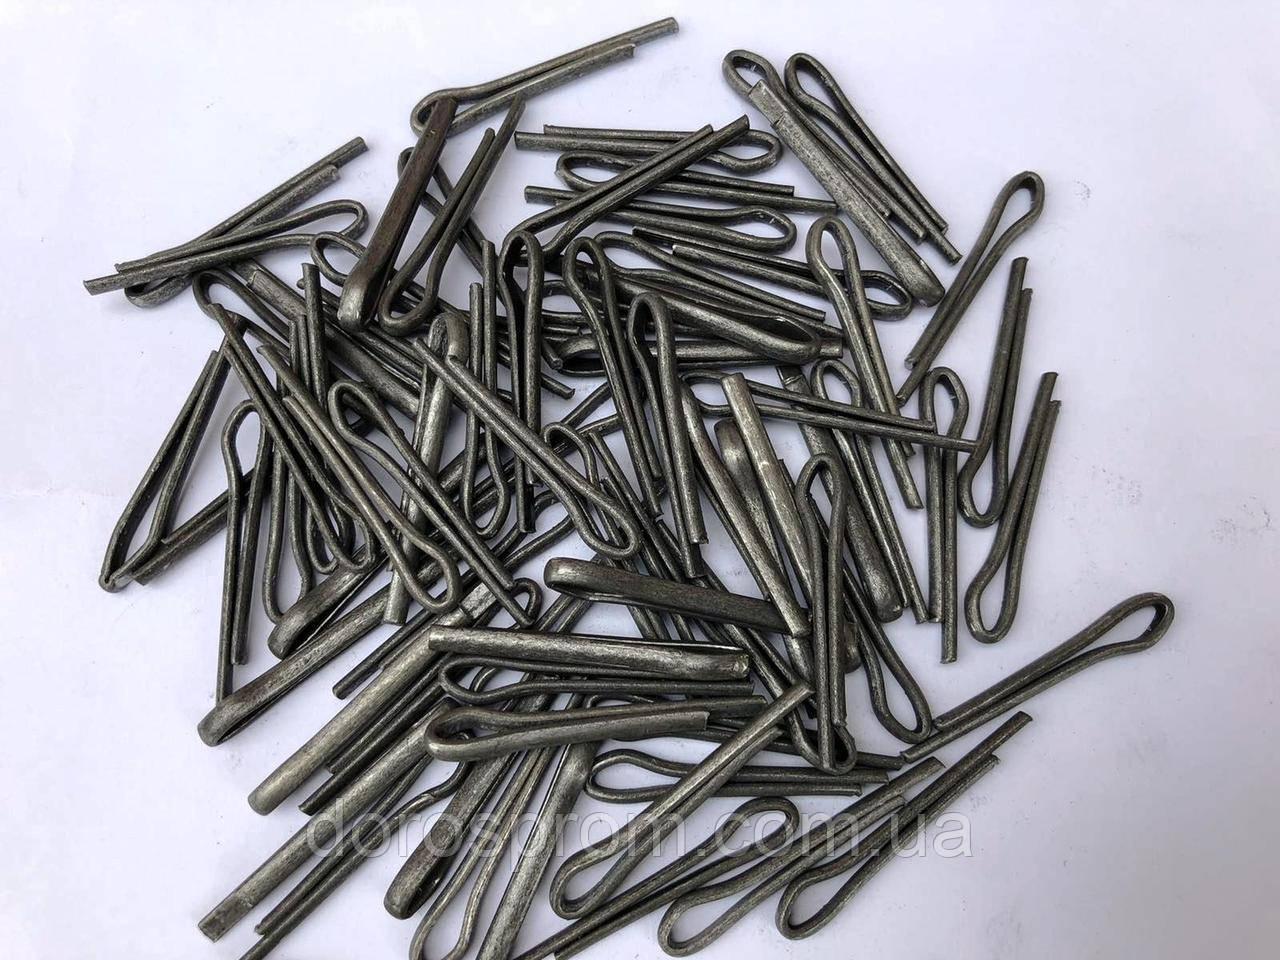 Шплинт стальной ГОСТ 397-79